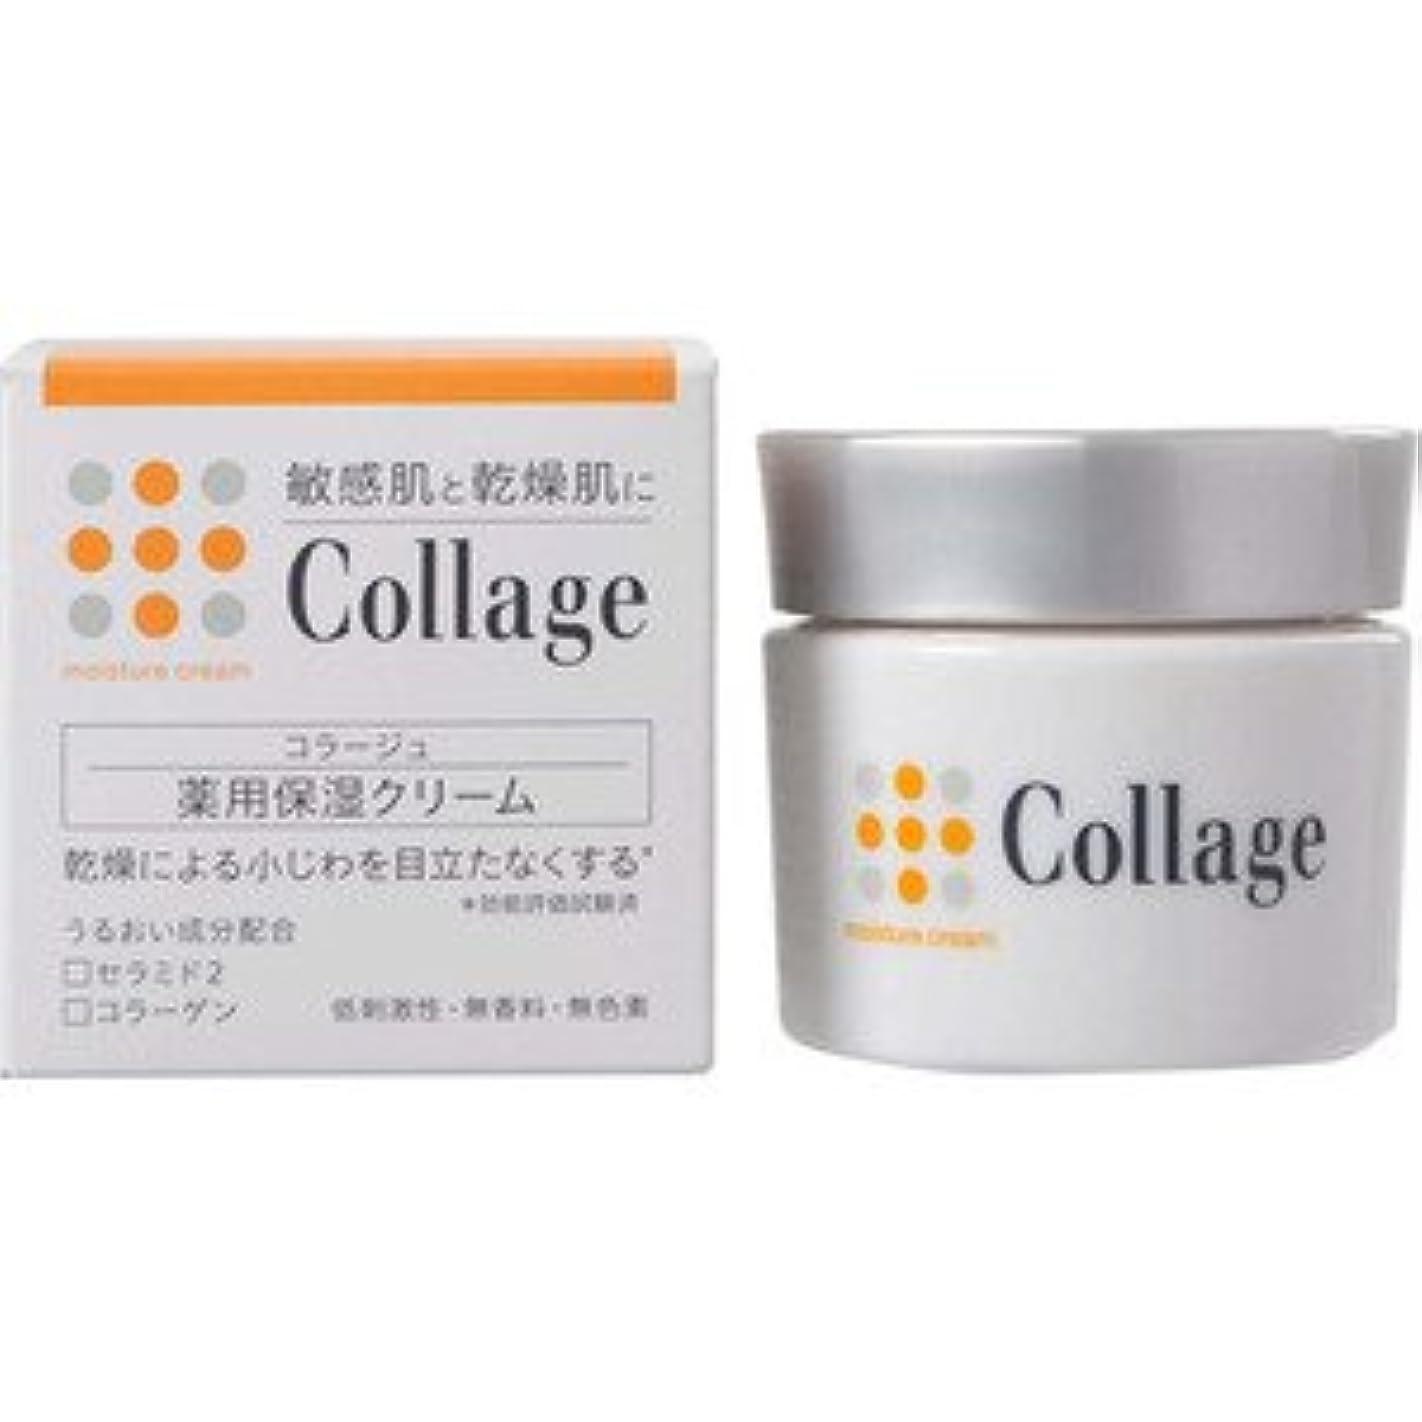 有用音危険なコラージュ 薬用保湿クリーム 30g×2【持田ヘルスケア】【4987767661452】